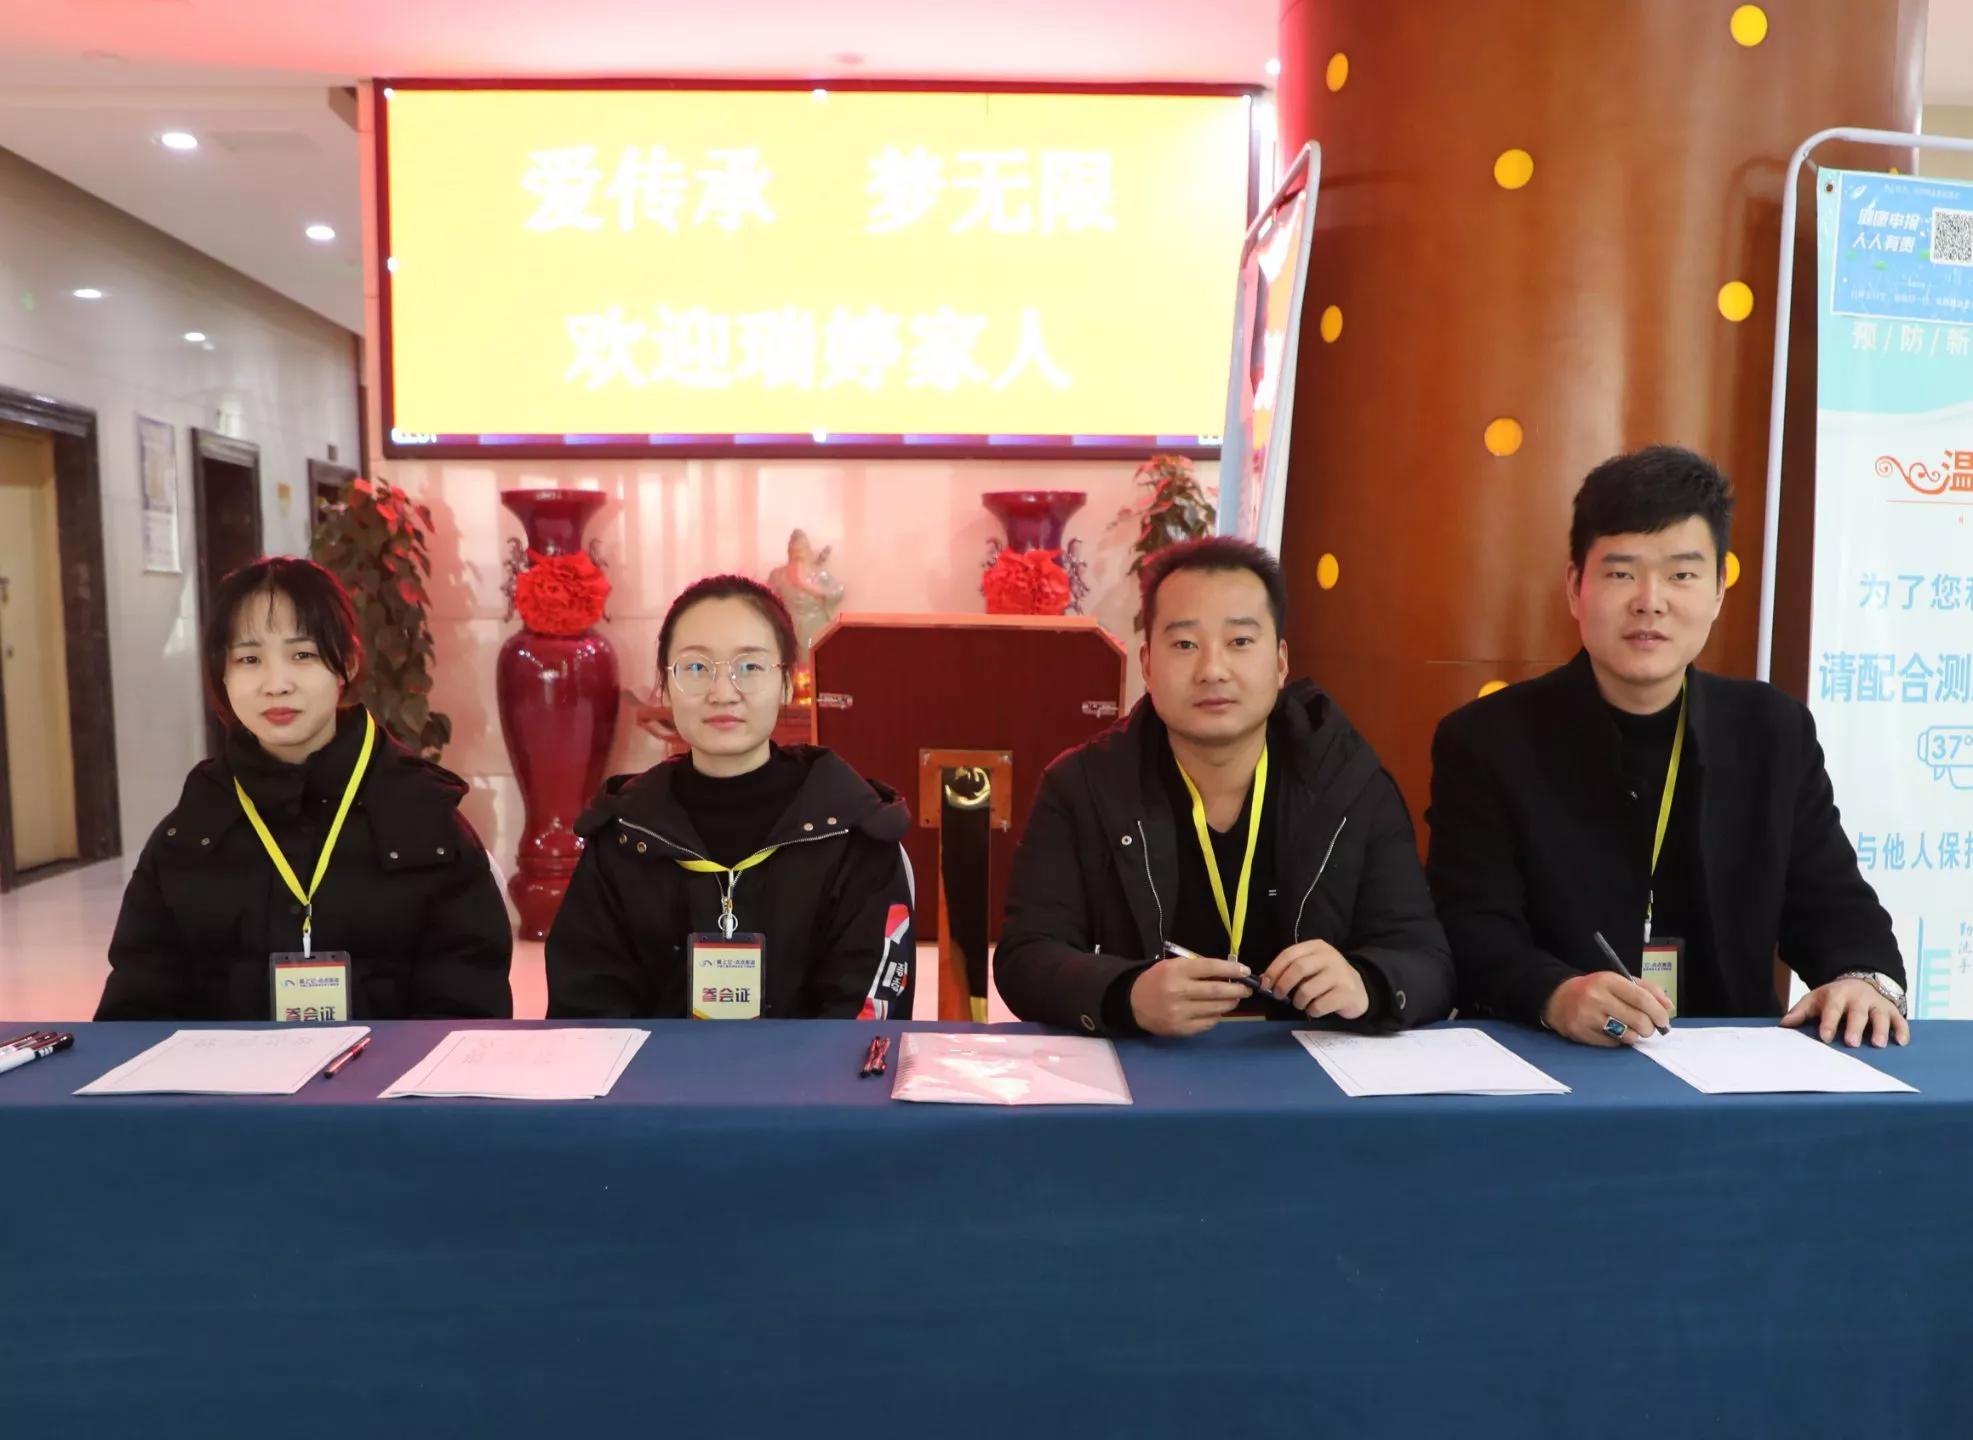 【爱在路上】爱上它・点点英语《助学公益行》活动在郑州举行。